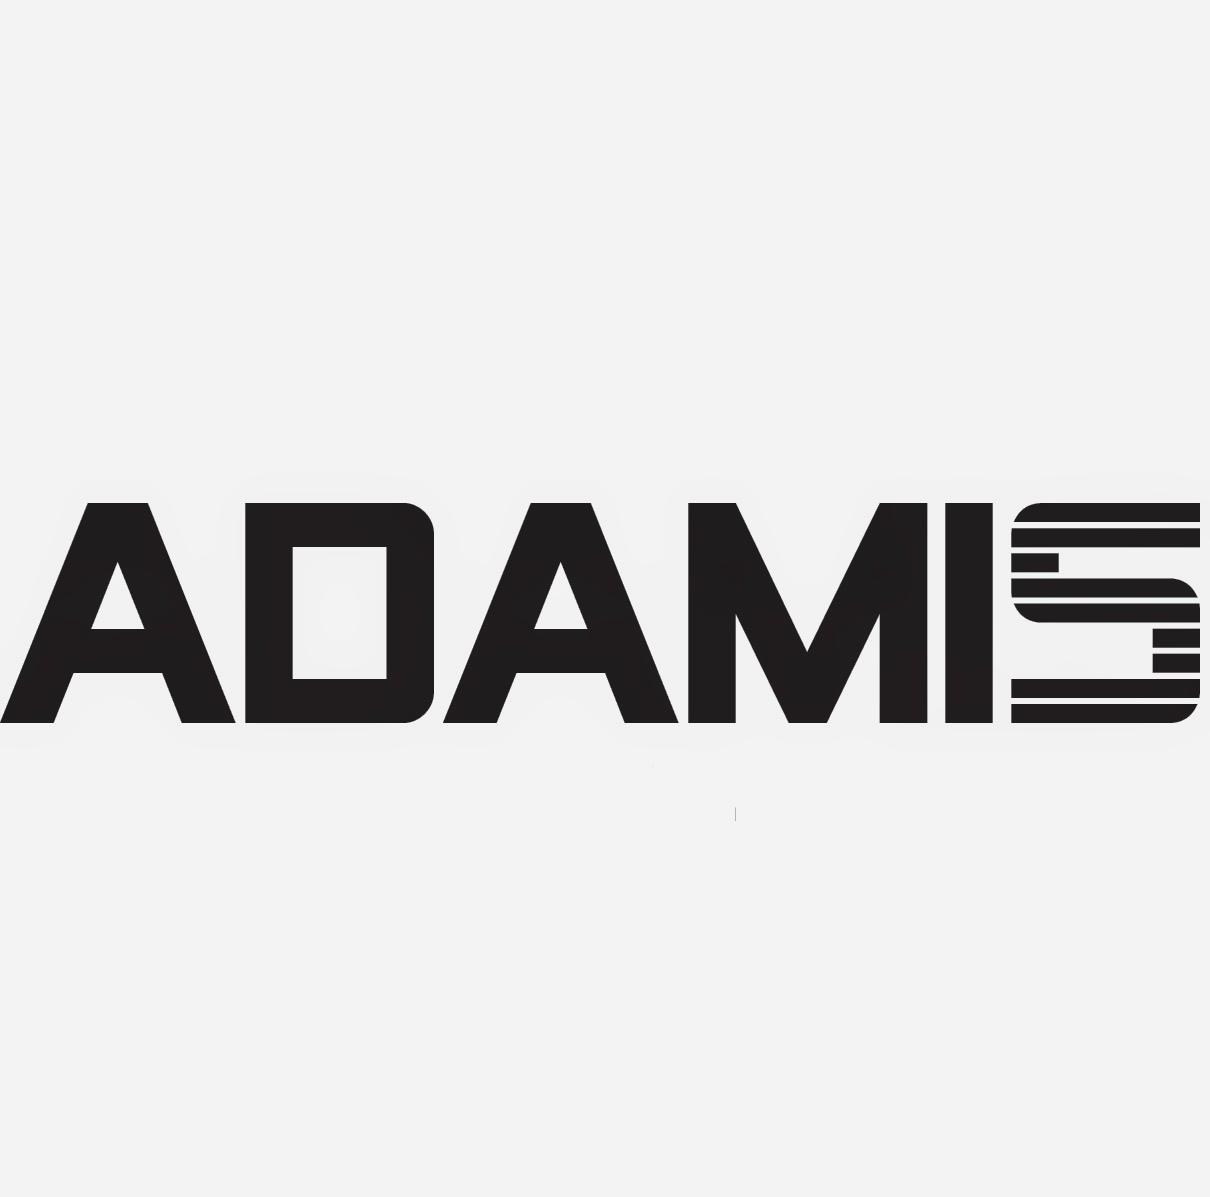 logo công ty tnhh adamis